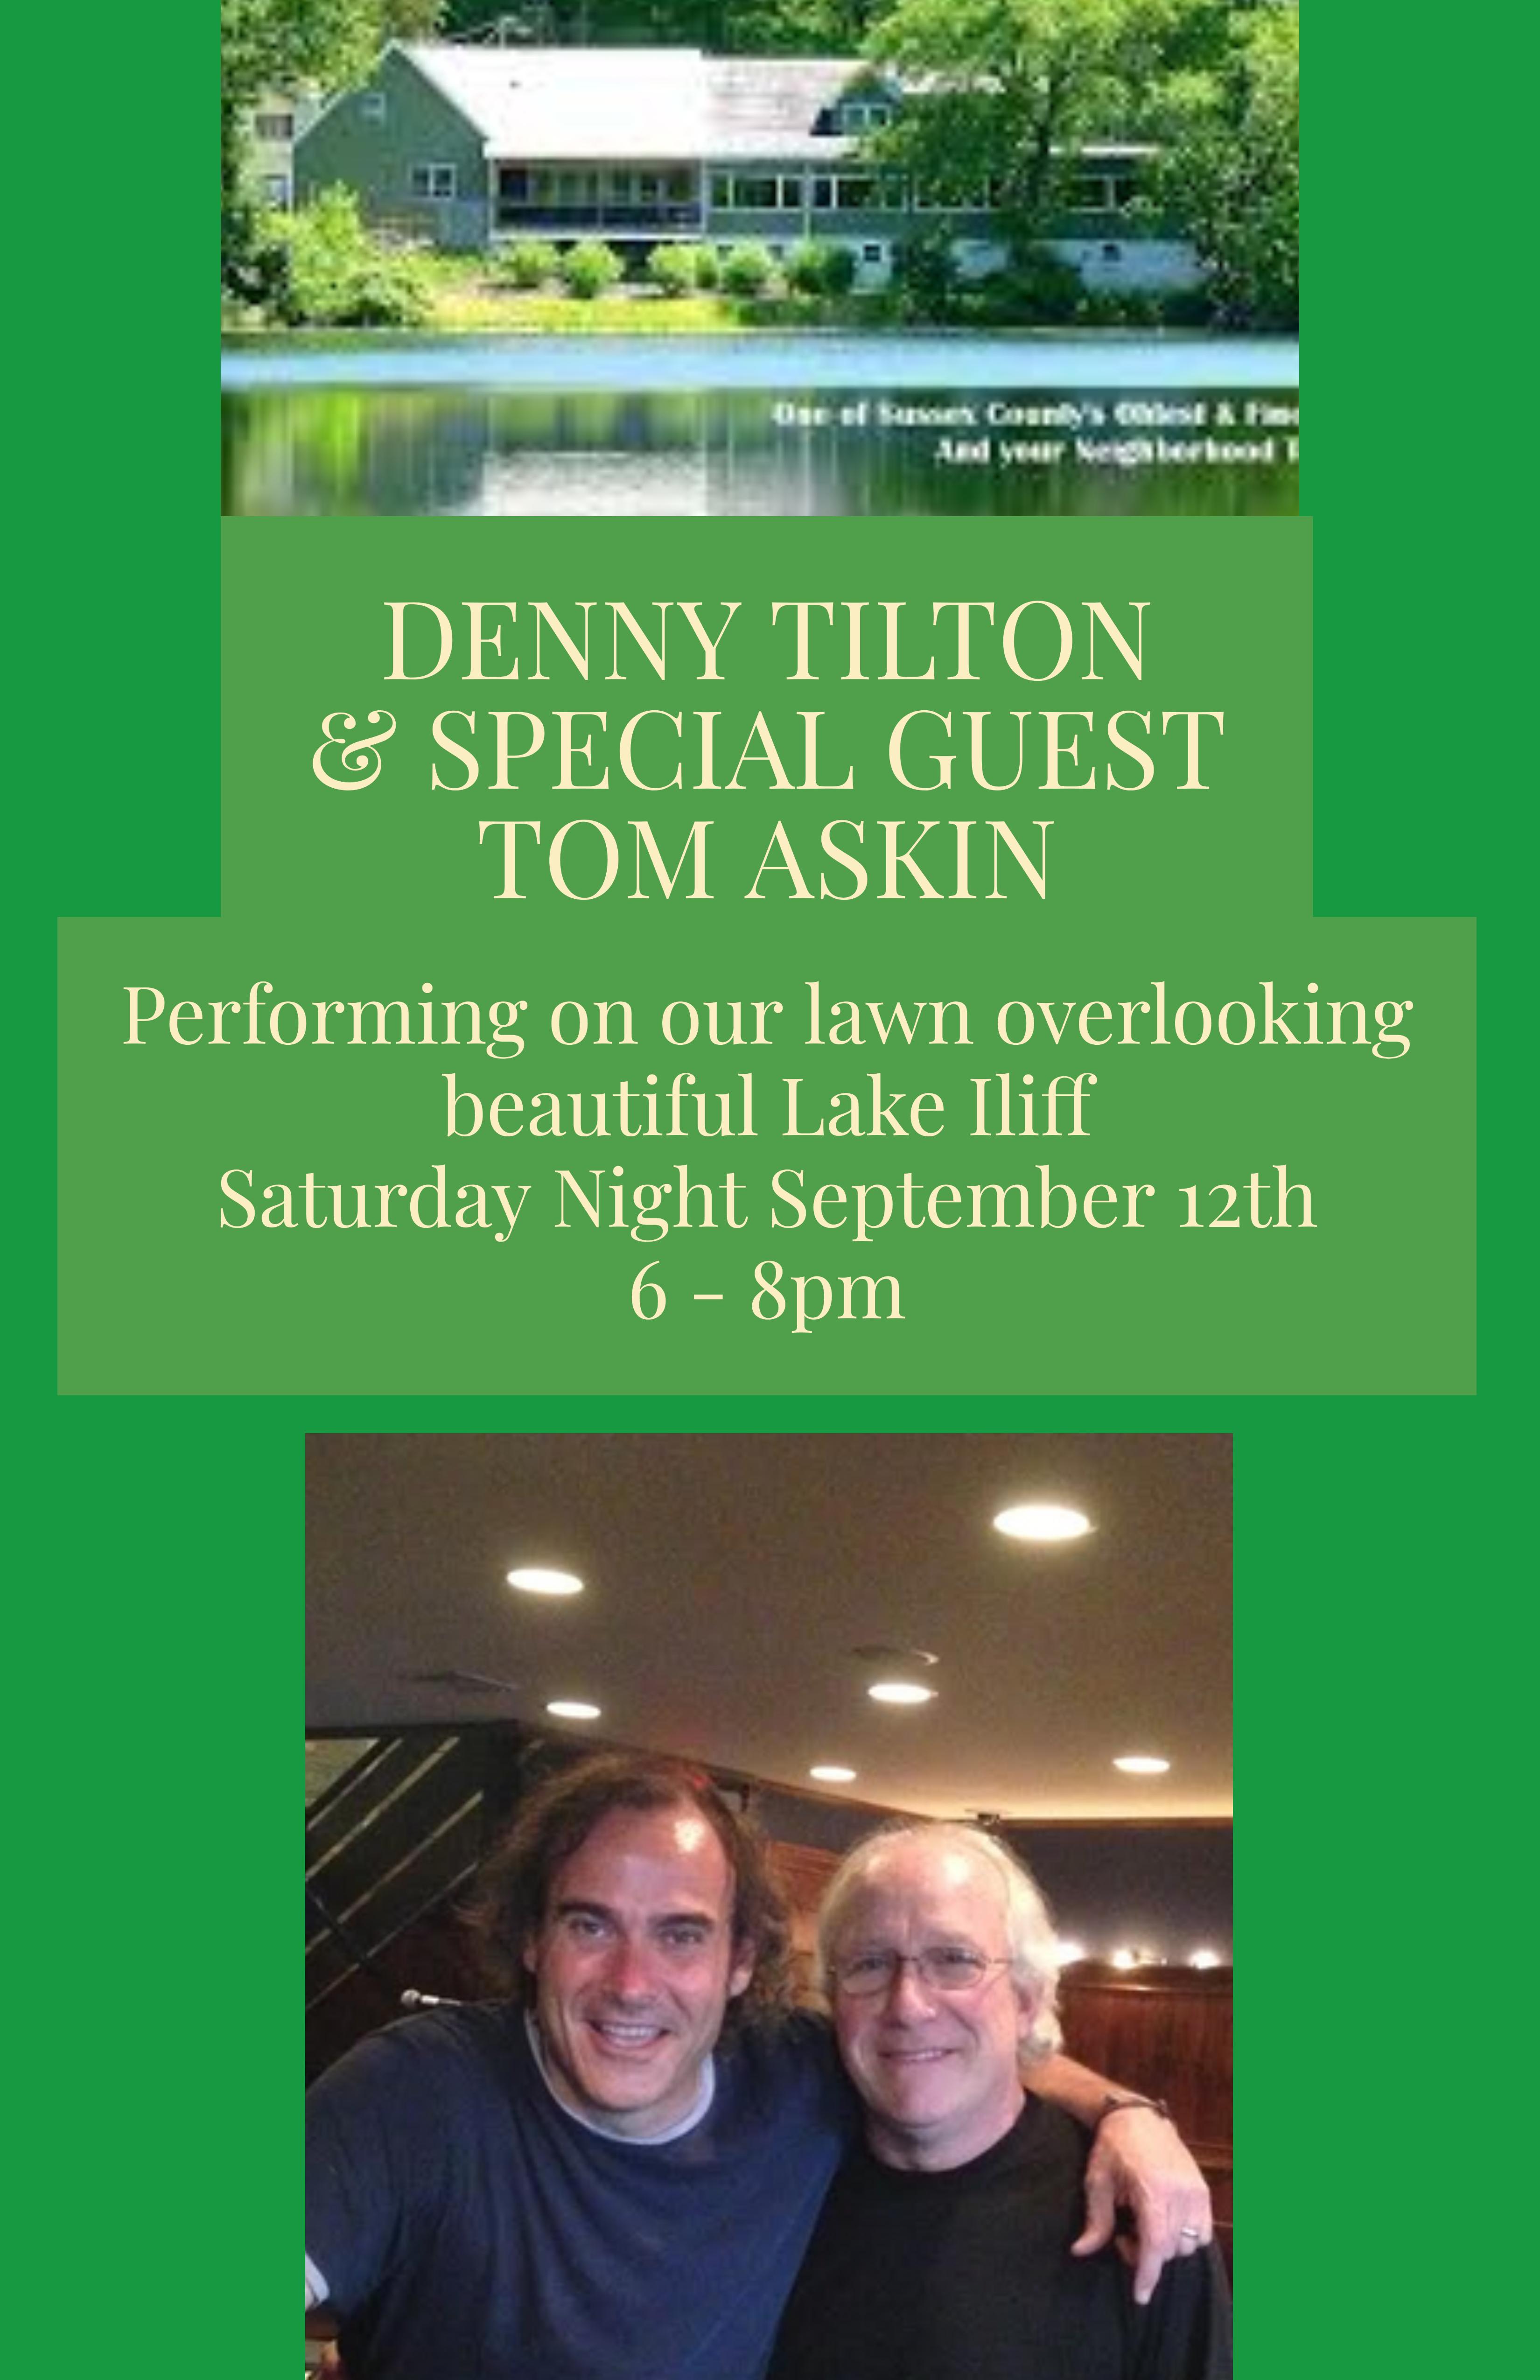 DENNY TILTON & SPECIAL GUEST TOM ASKIN